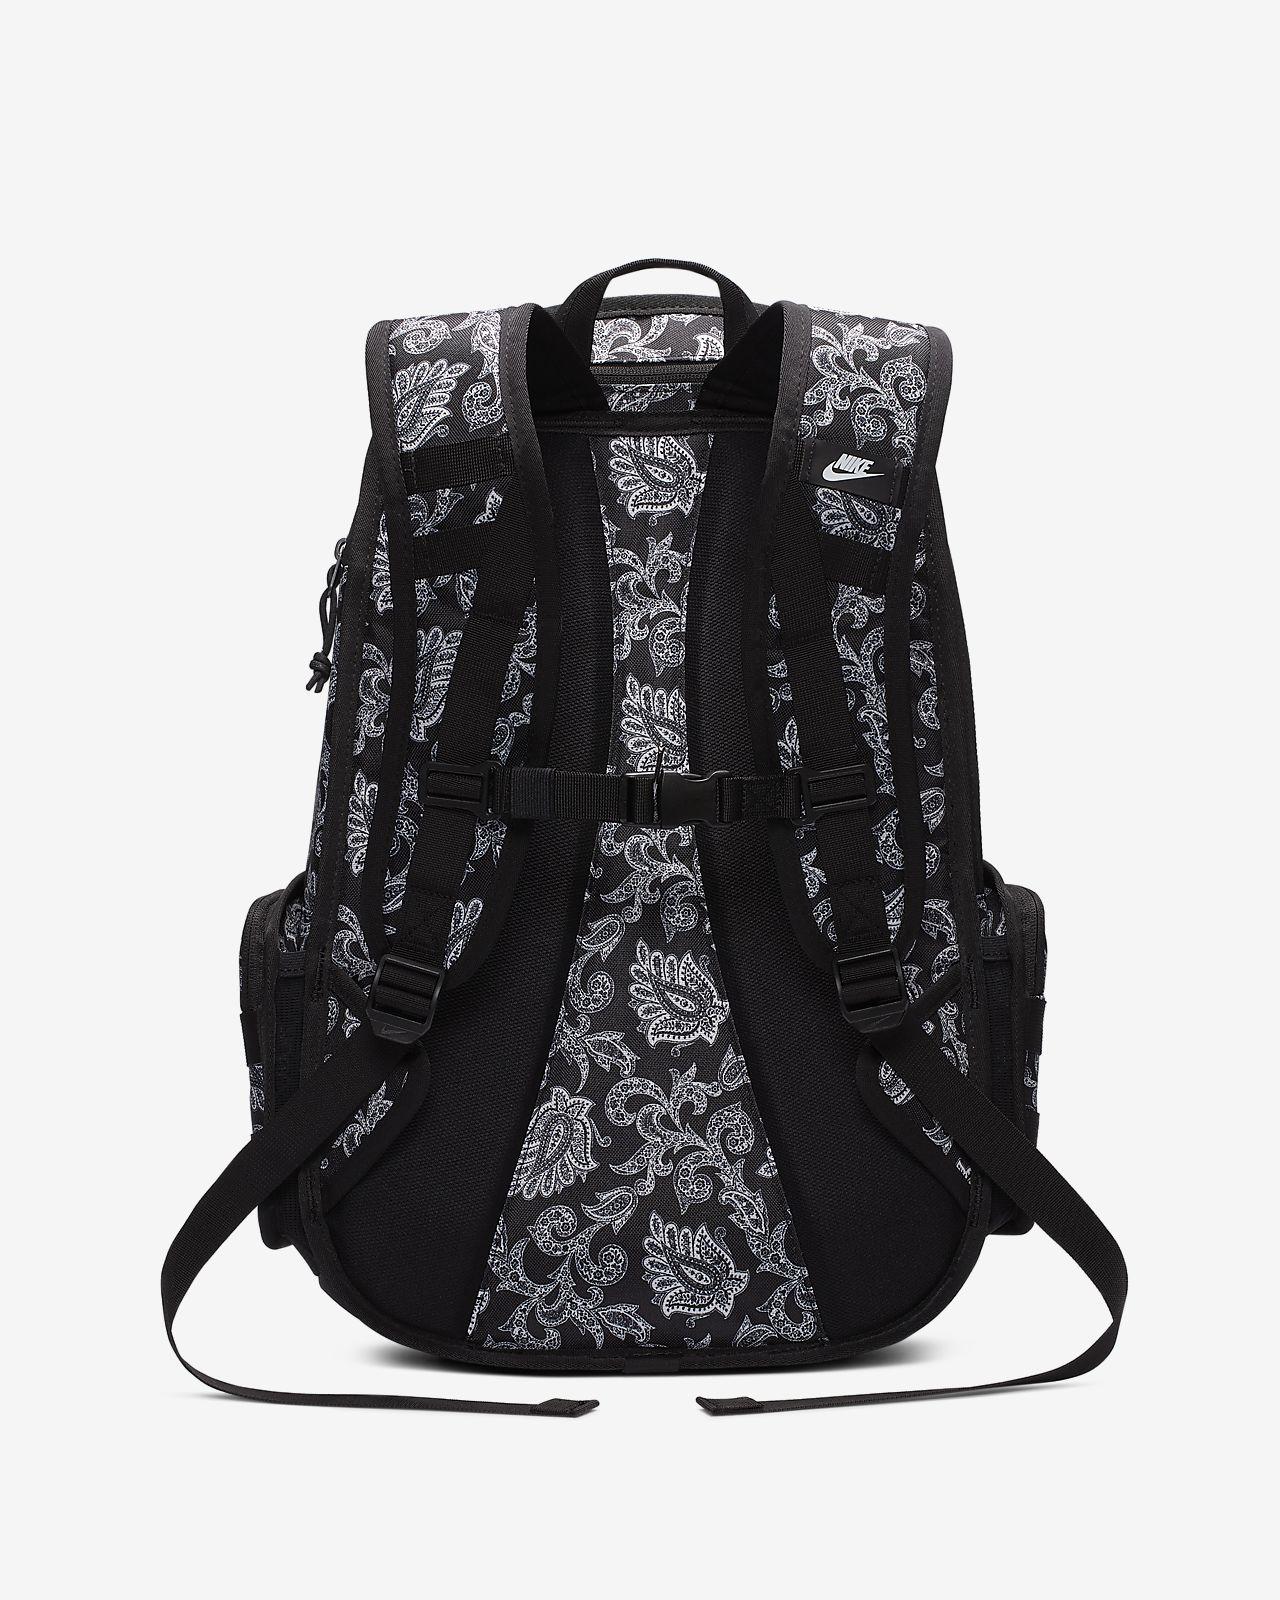 a0817c2ea2b Nike Sportswear RPM Printed Backpack. Nike.com LU